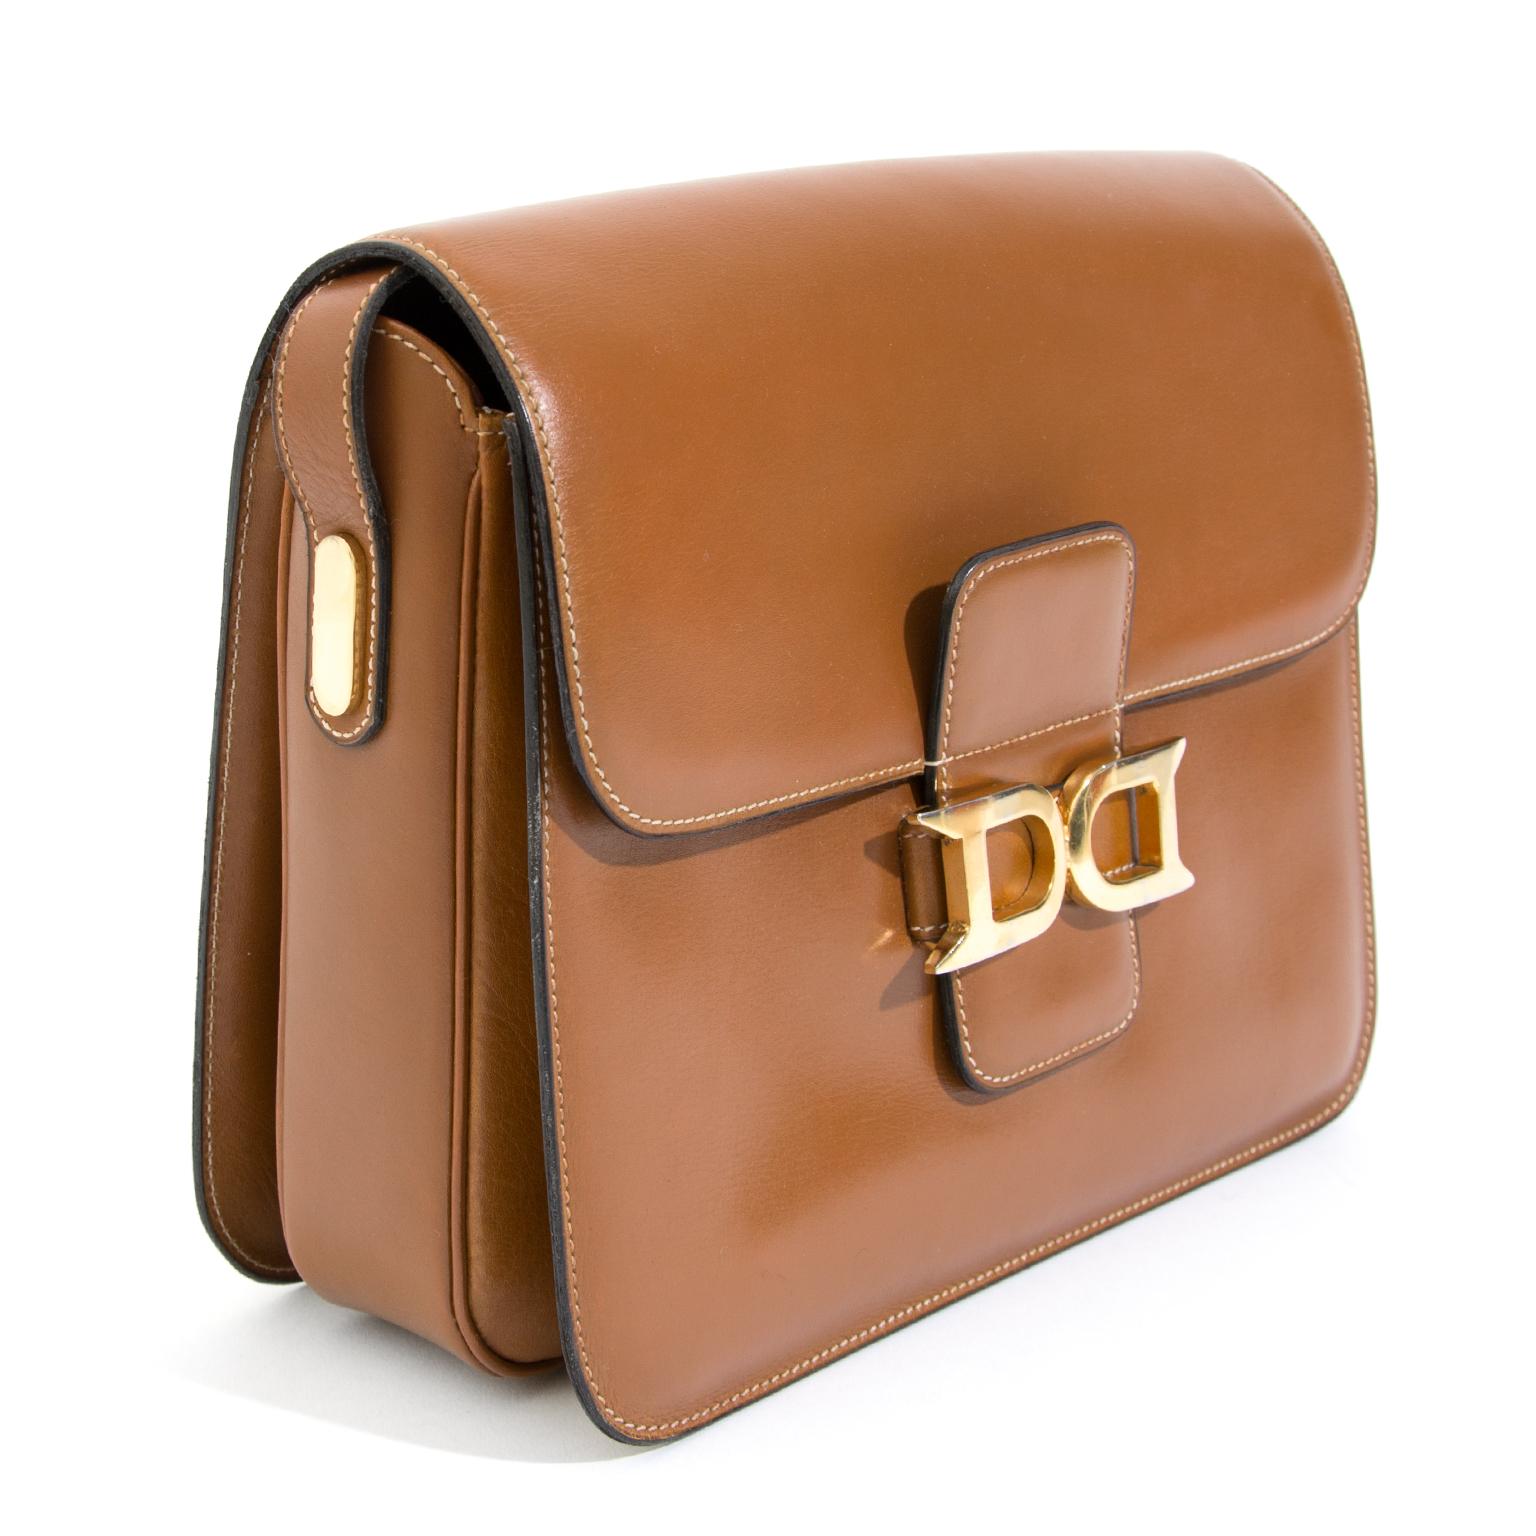 ... Delvaux Cognac Bourgogne Shoulder Bag te koop aangeboden tweedehands  uthentieke designer handtassen 50ae4b35a2d